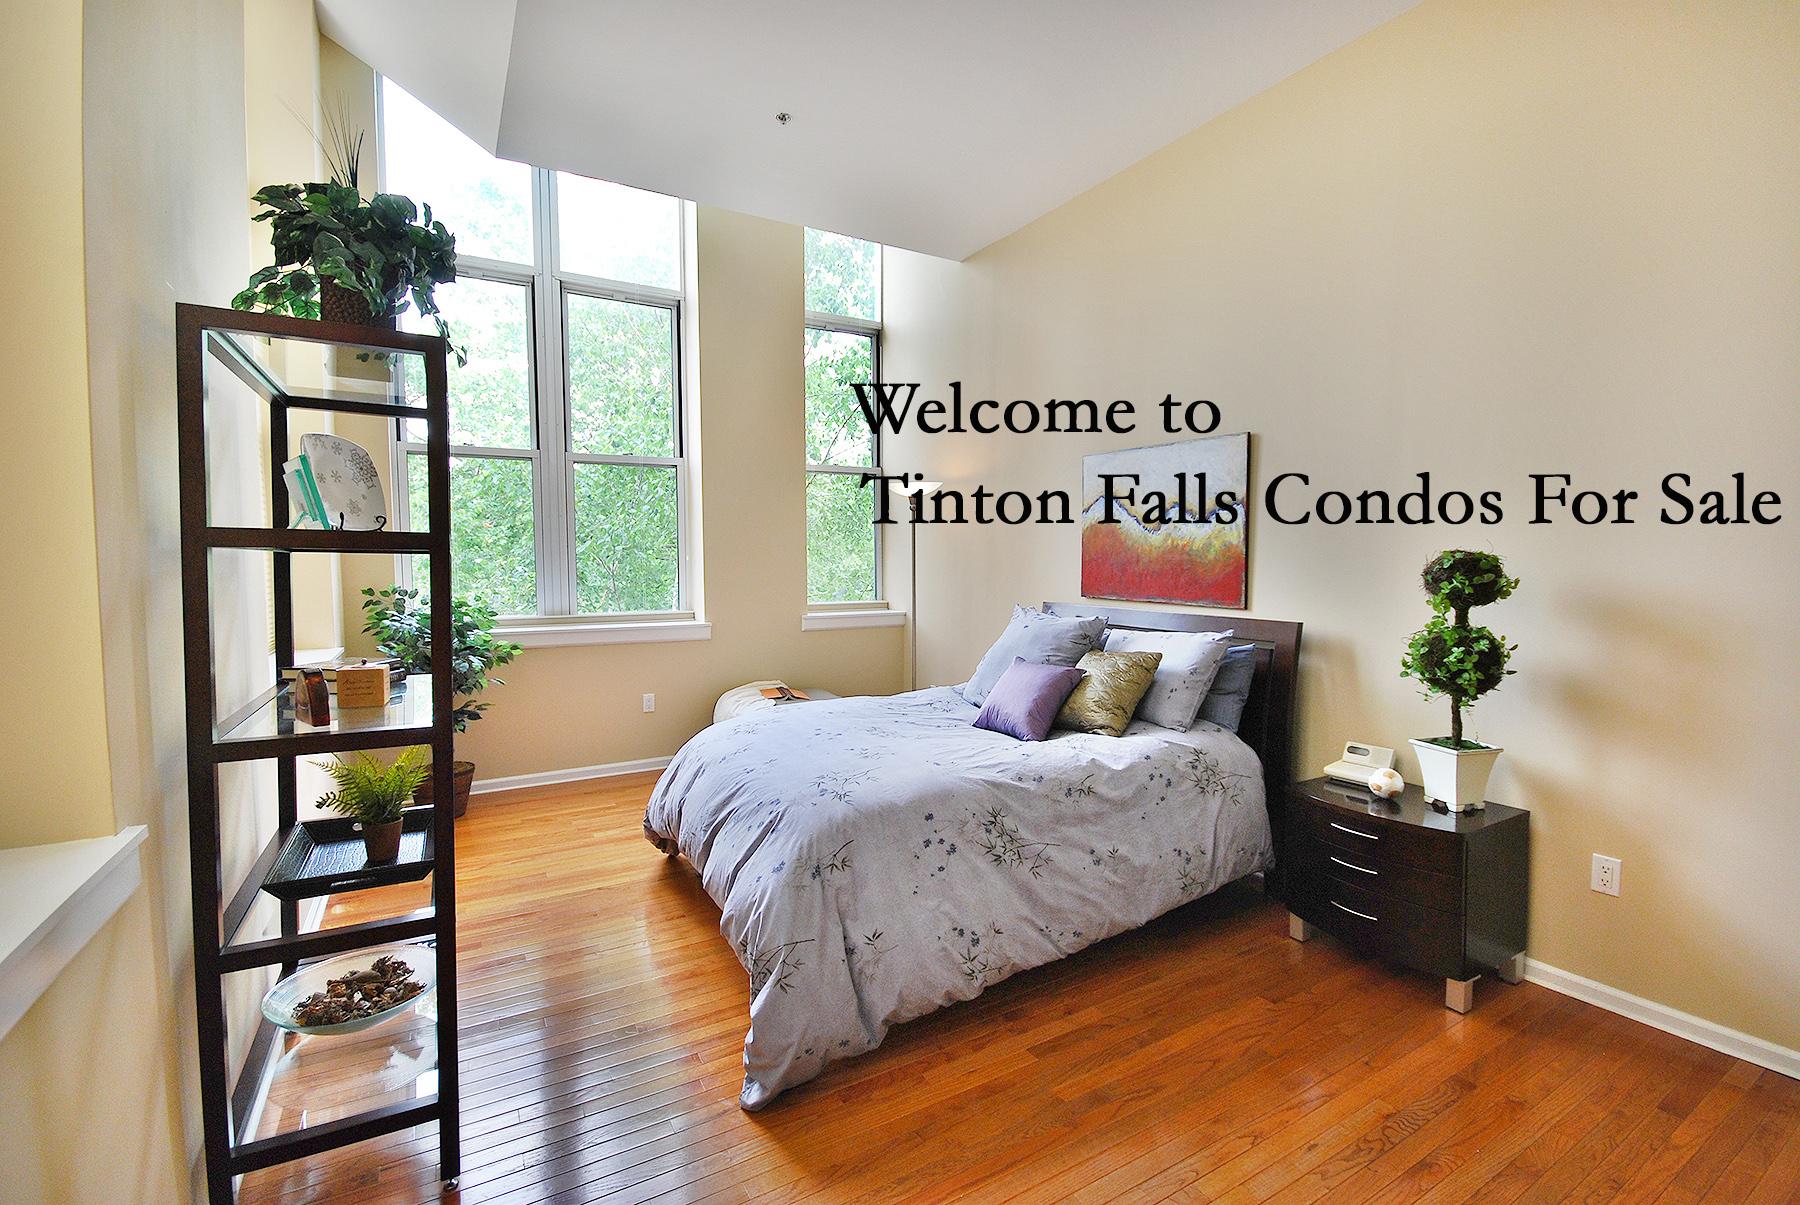 Tinton Falls Condos For Sale